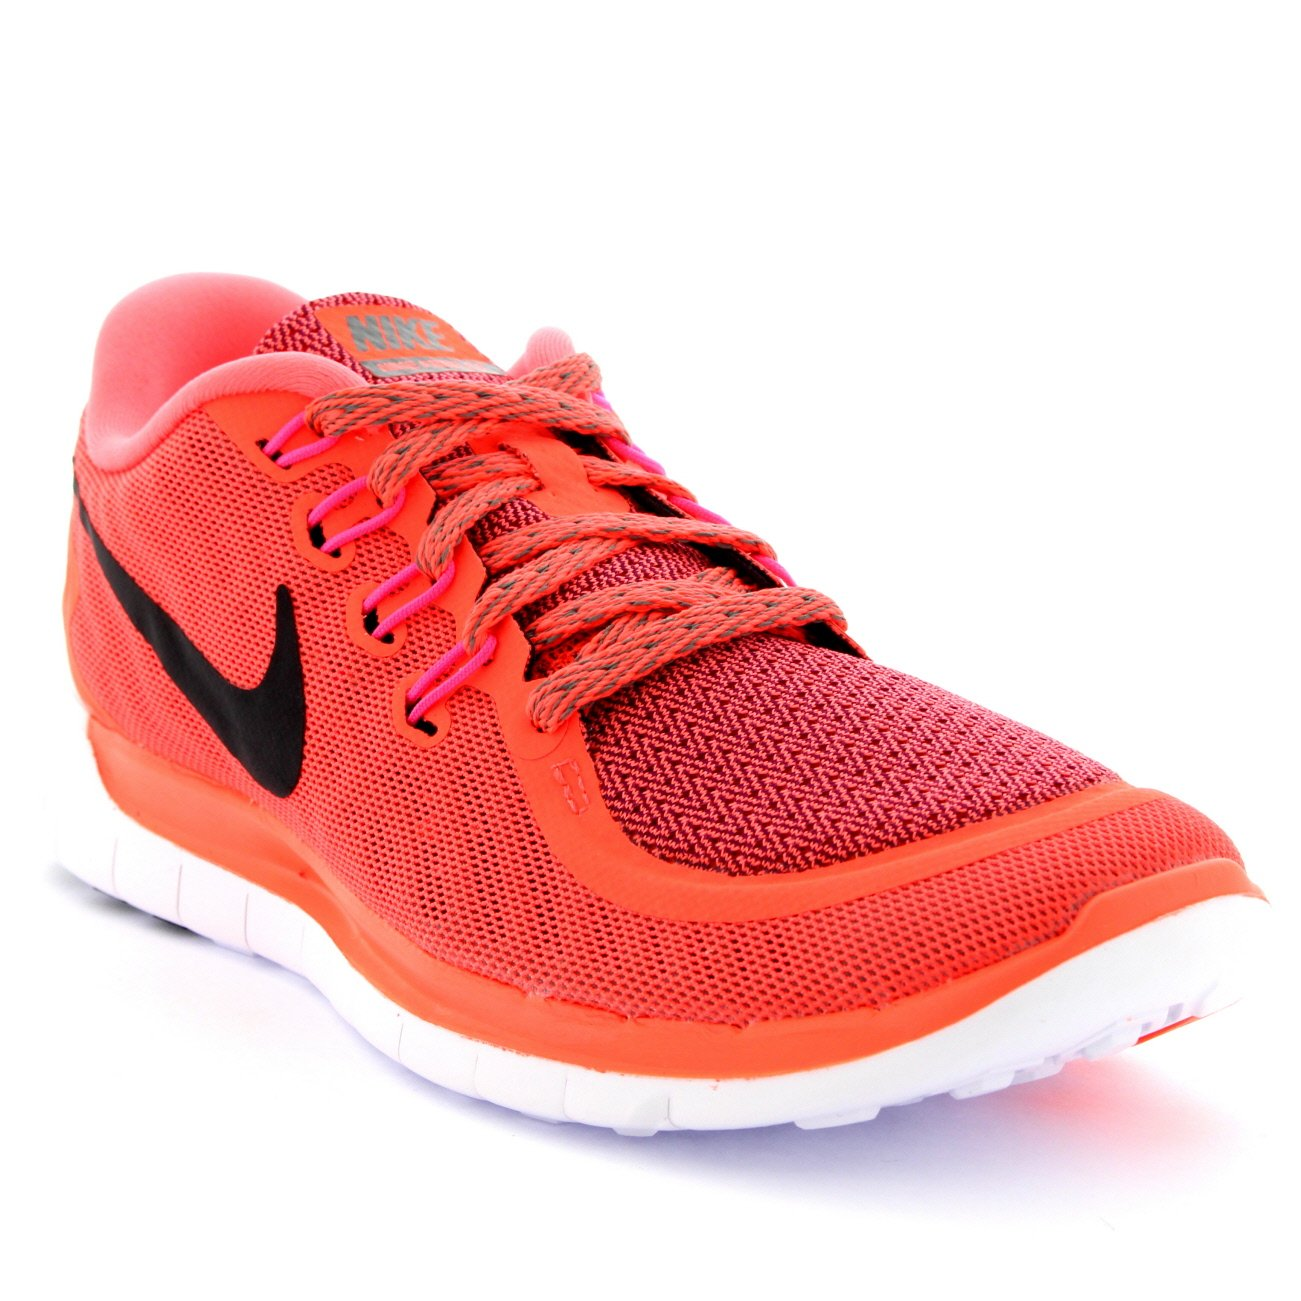 Nike Damen Laufschuhe Turnschuhe Nike Free 5.0 724383-801